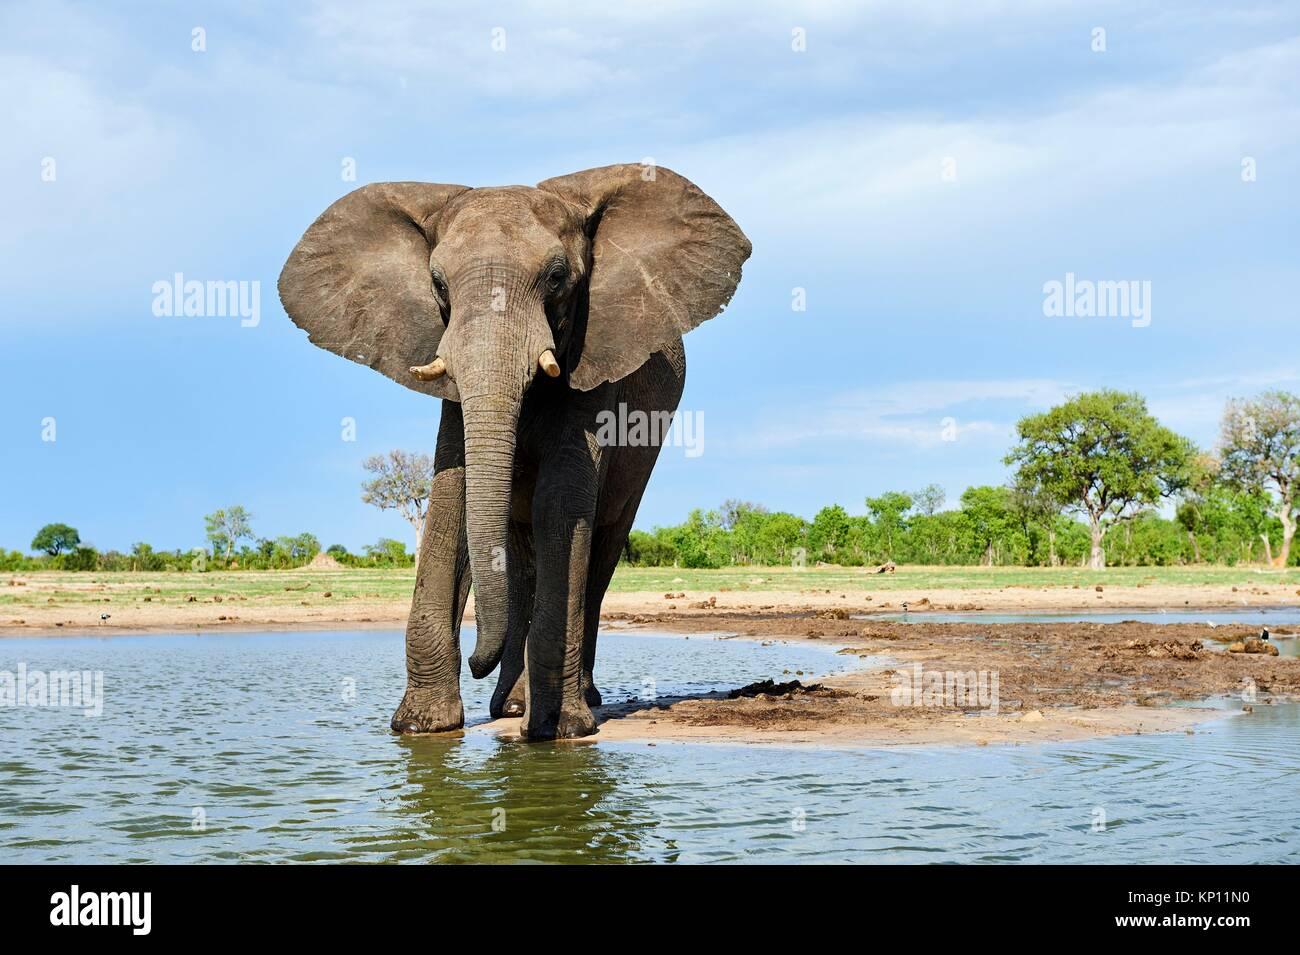 Elefante africano (Loxodonta africana), bebiendo en una watehole. El Parque Nacional de Hwange (Zimbabwe). Foto de stock